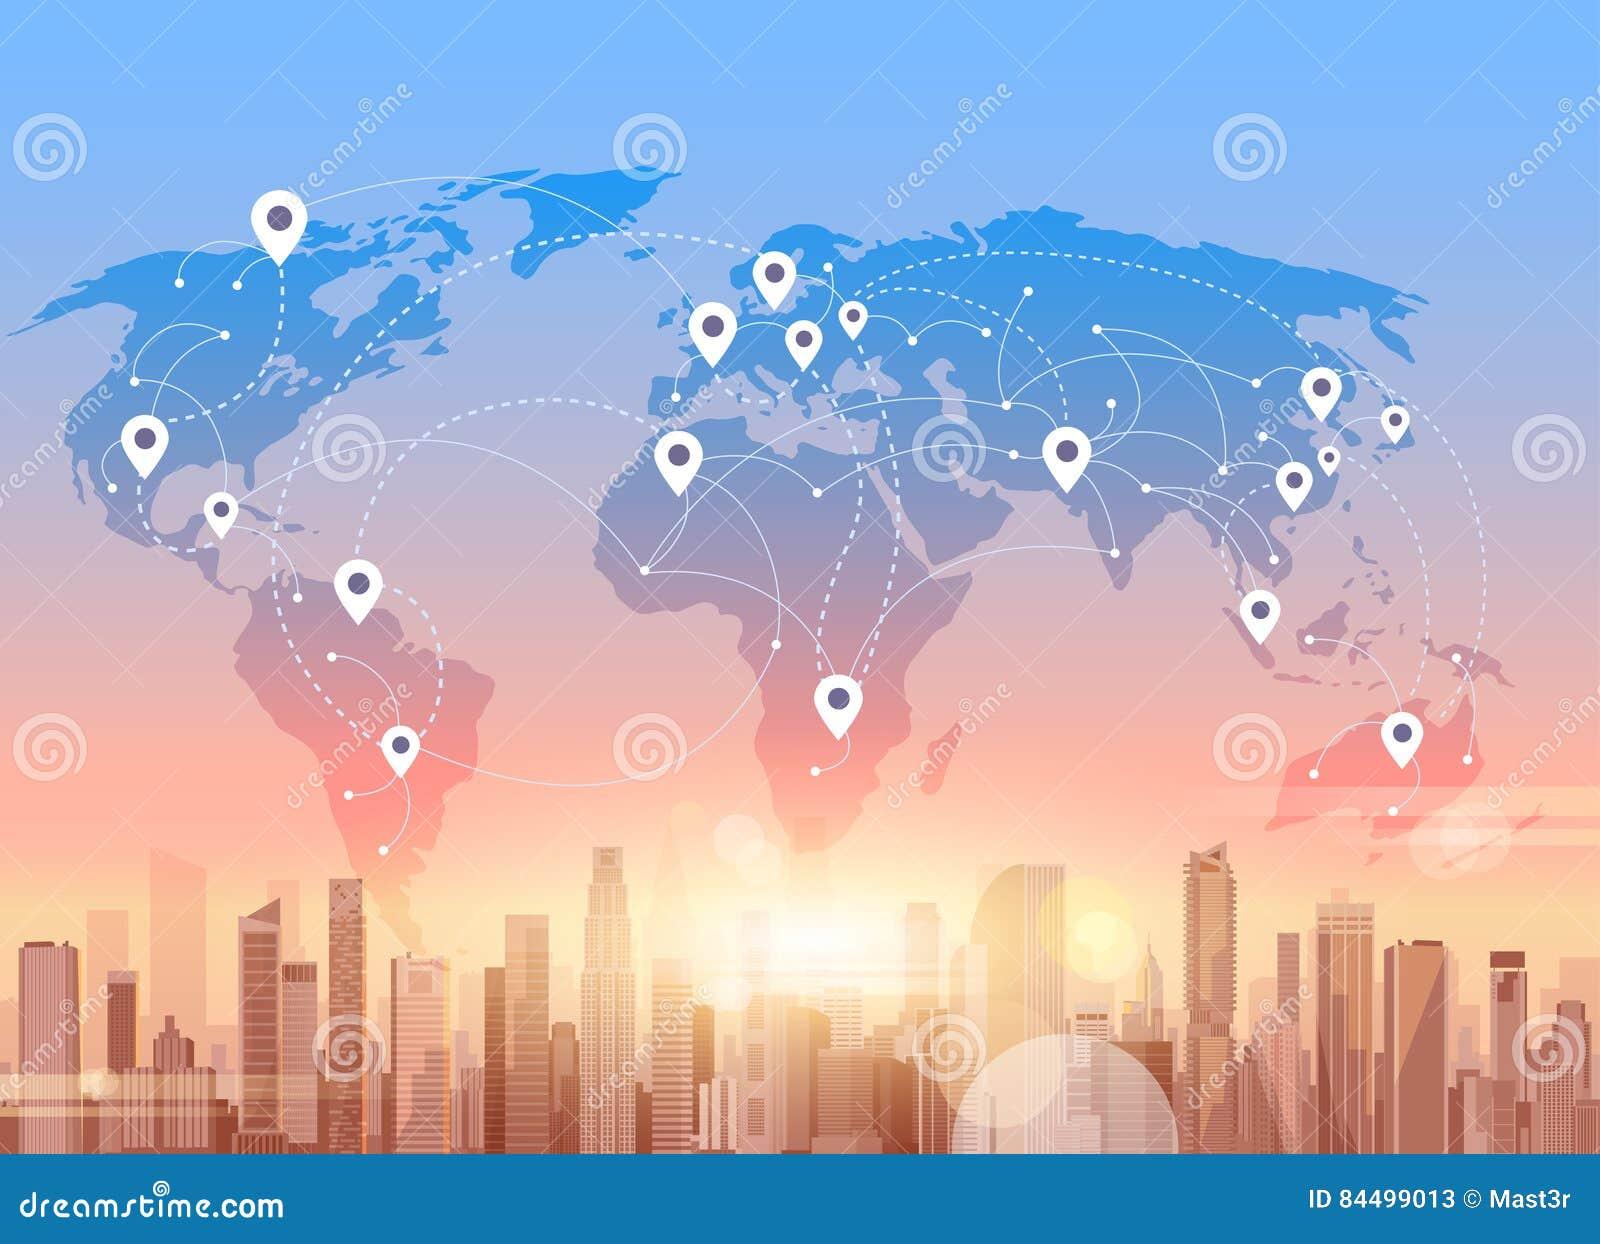 社会媒介通信互联网连接城市摩天大楼视图世界地图背景